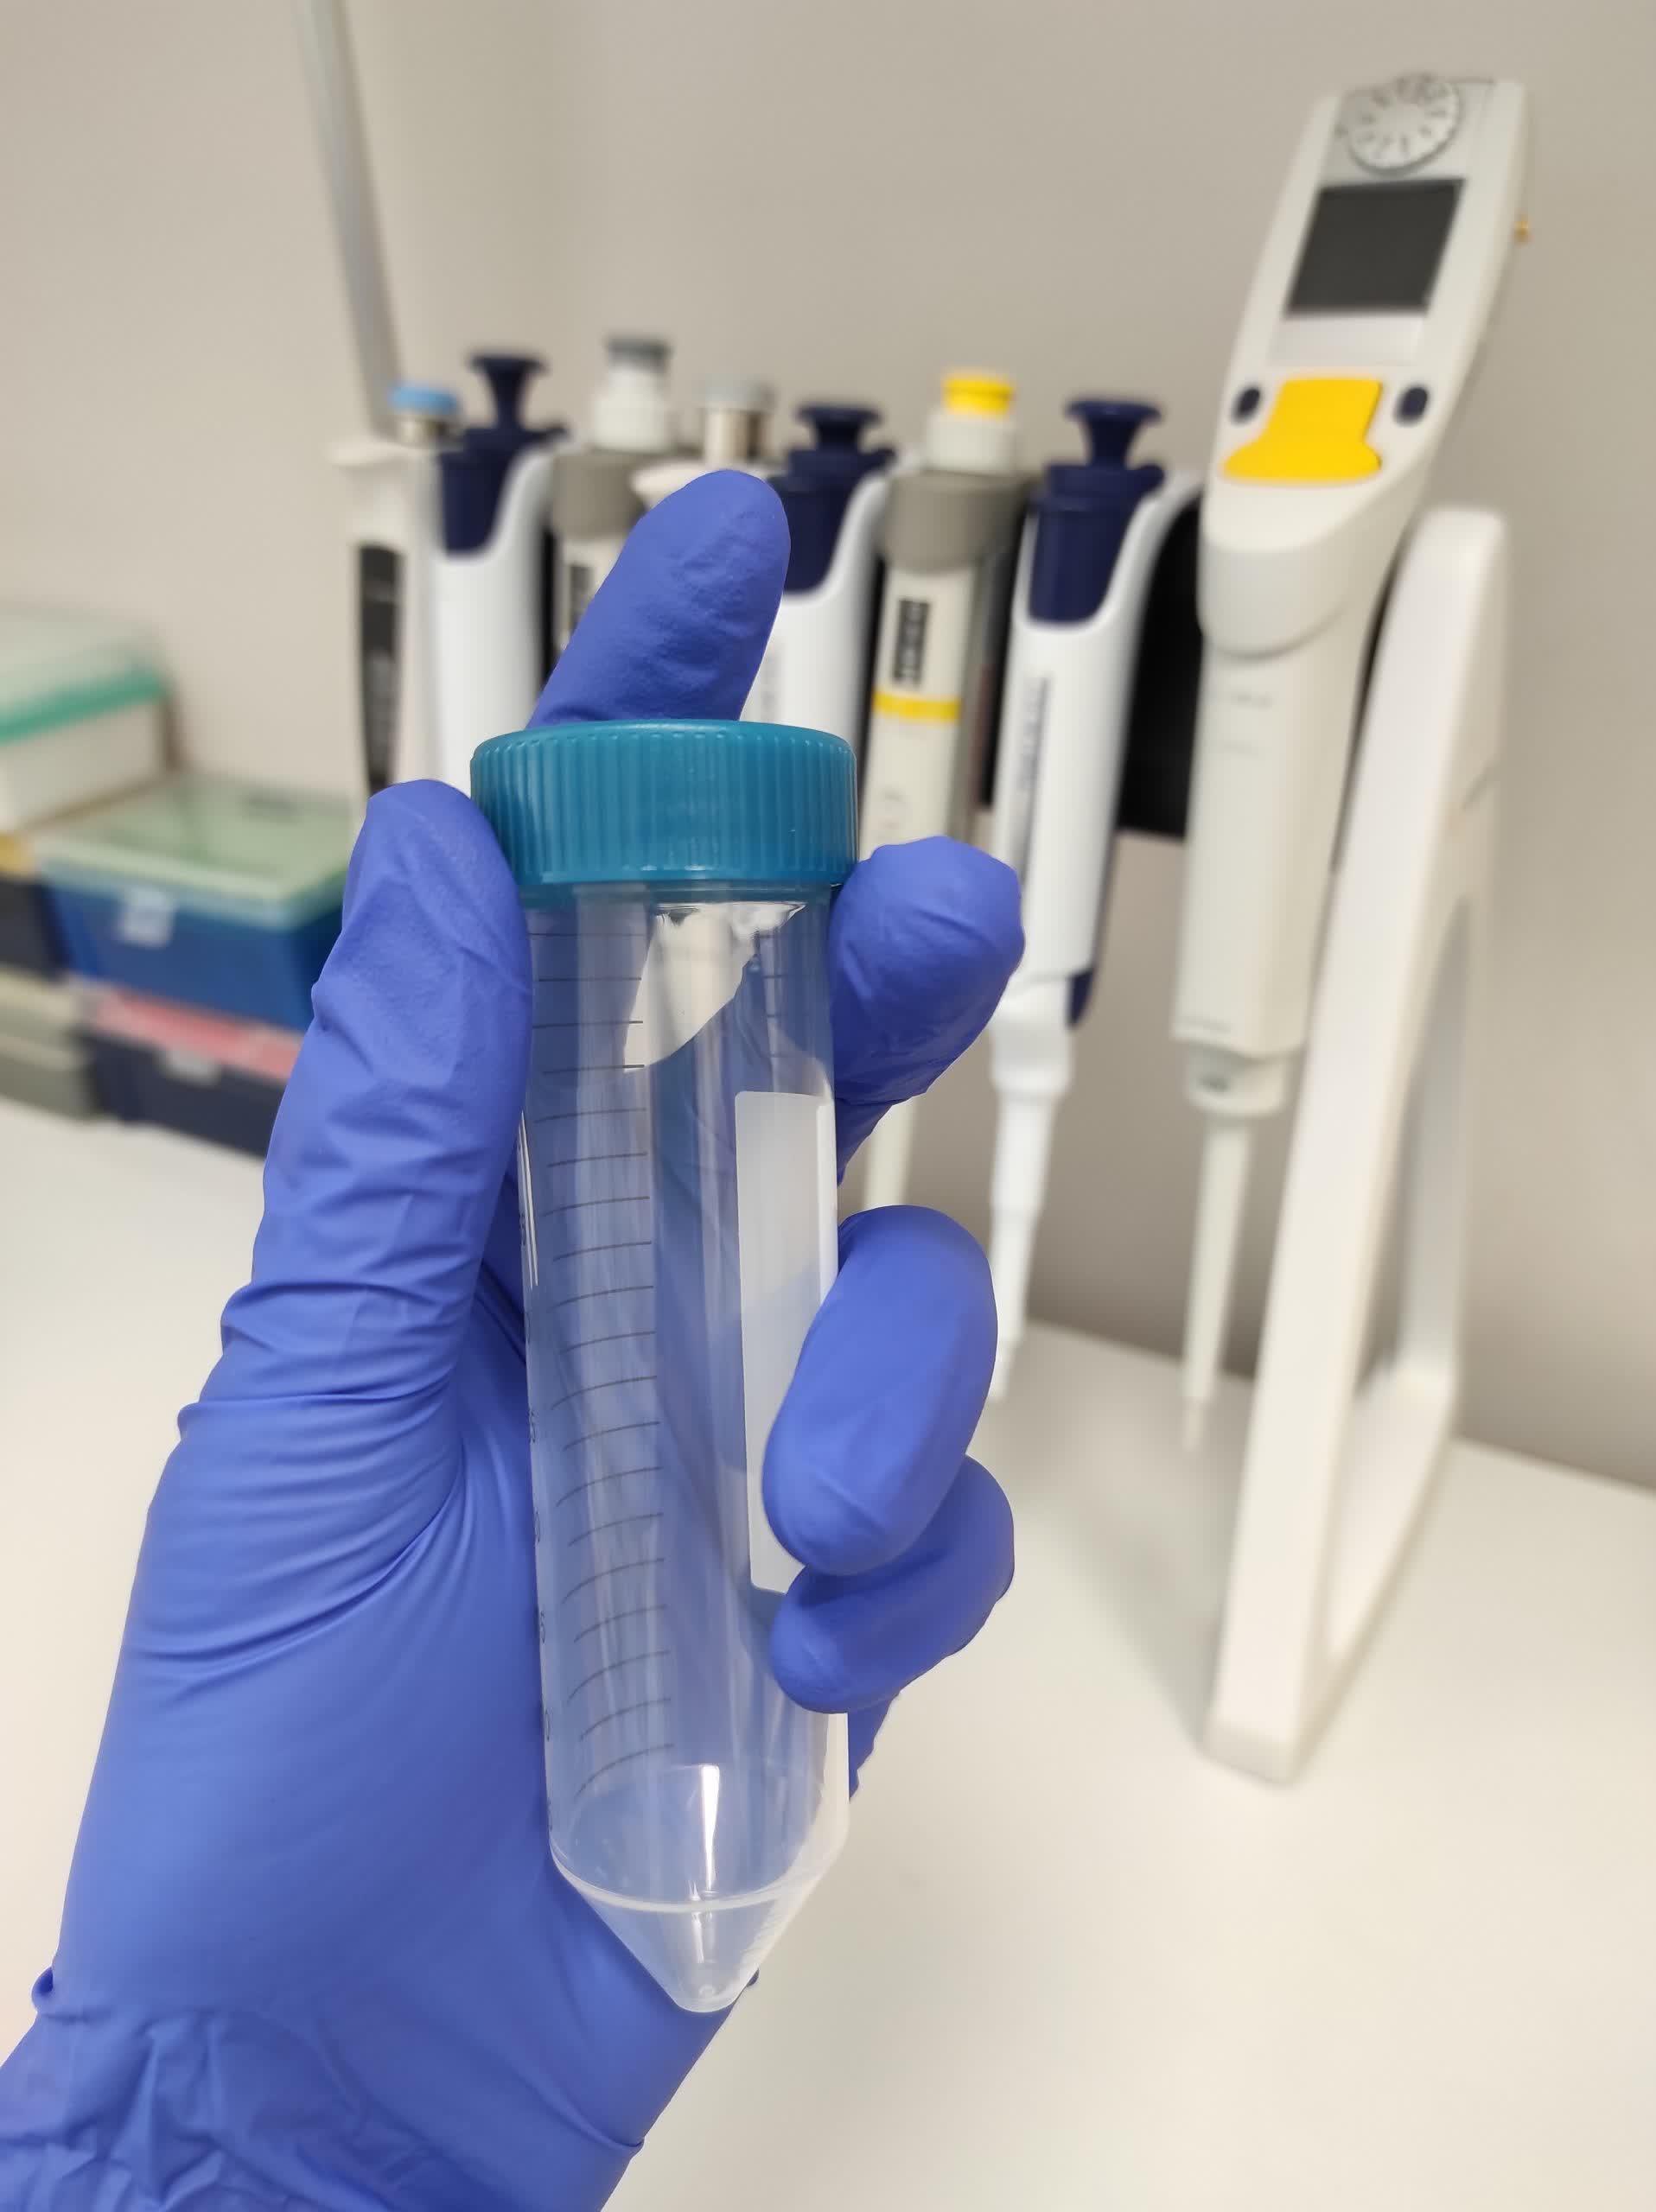 COVID-19 testas nebevirkdys – PGR tyrimą jau atlieka iš seilių